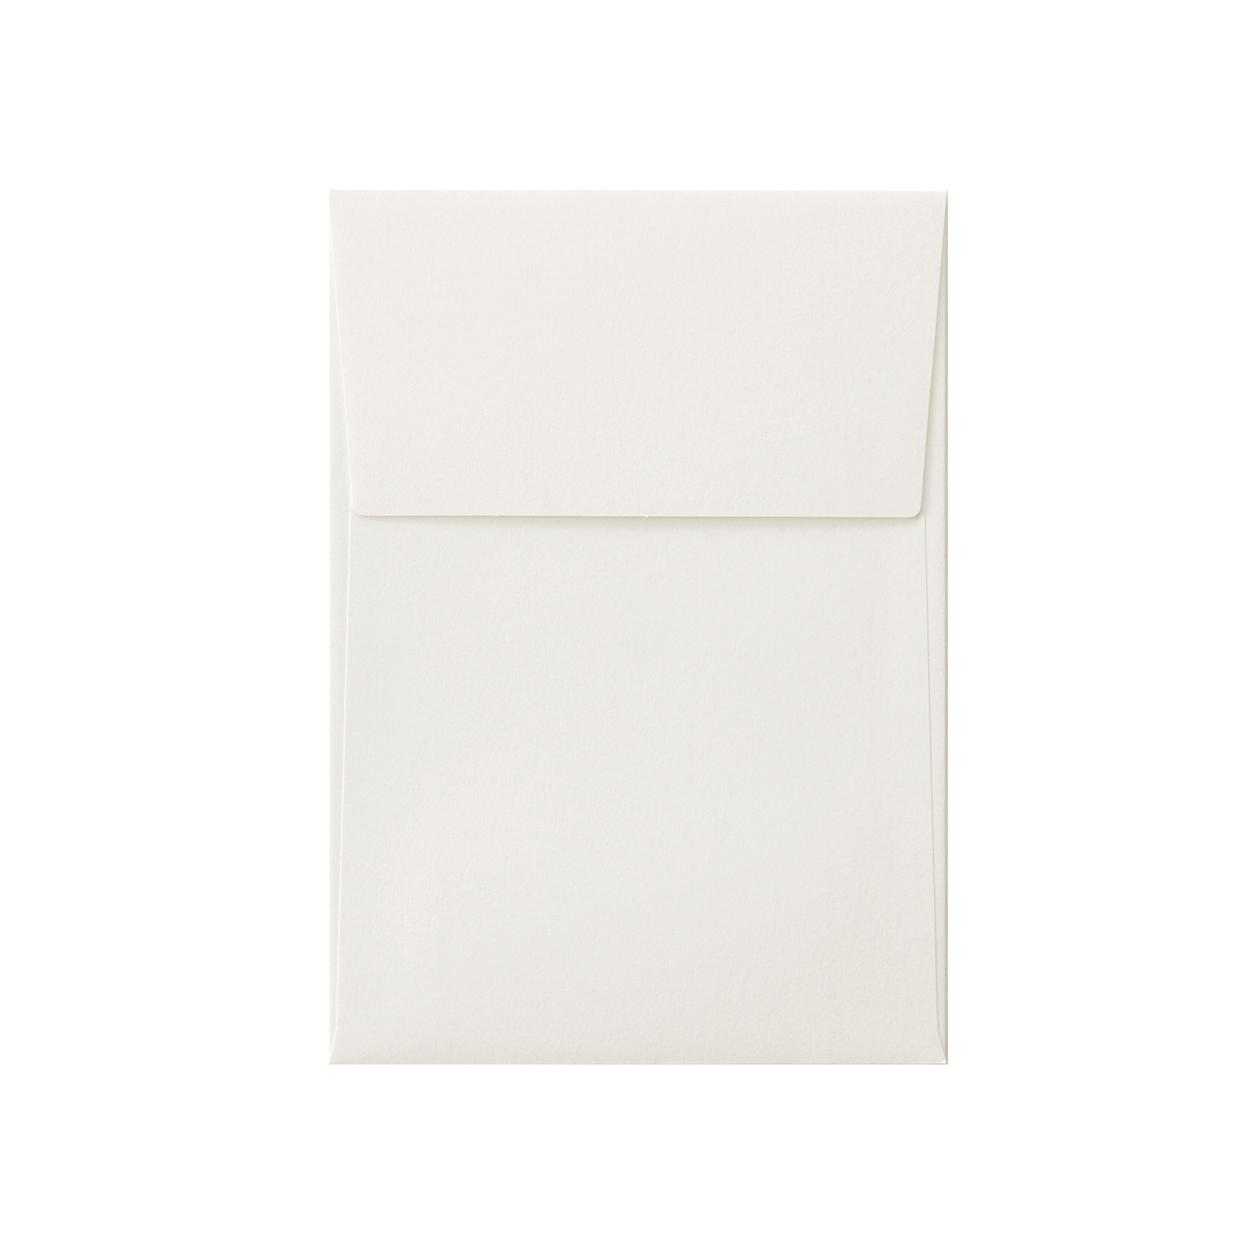 洋2タテカマス封筒 コットン スノーホワイト 116.3g